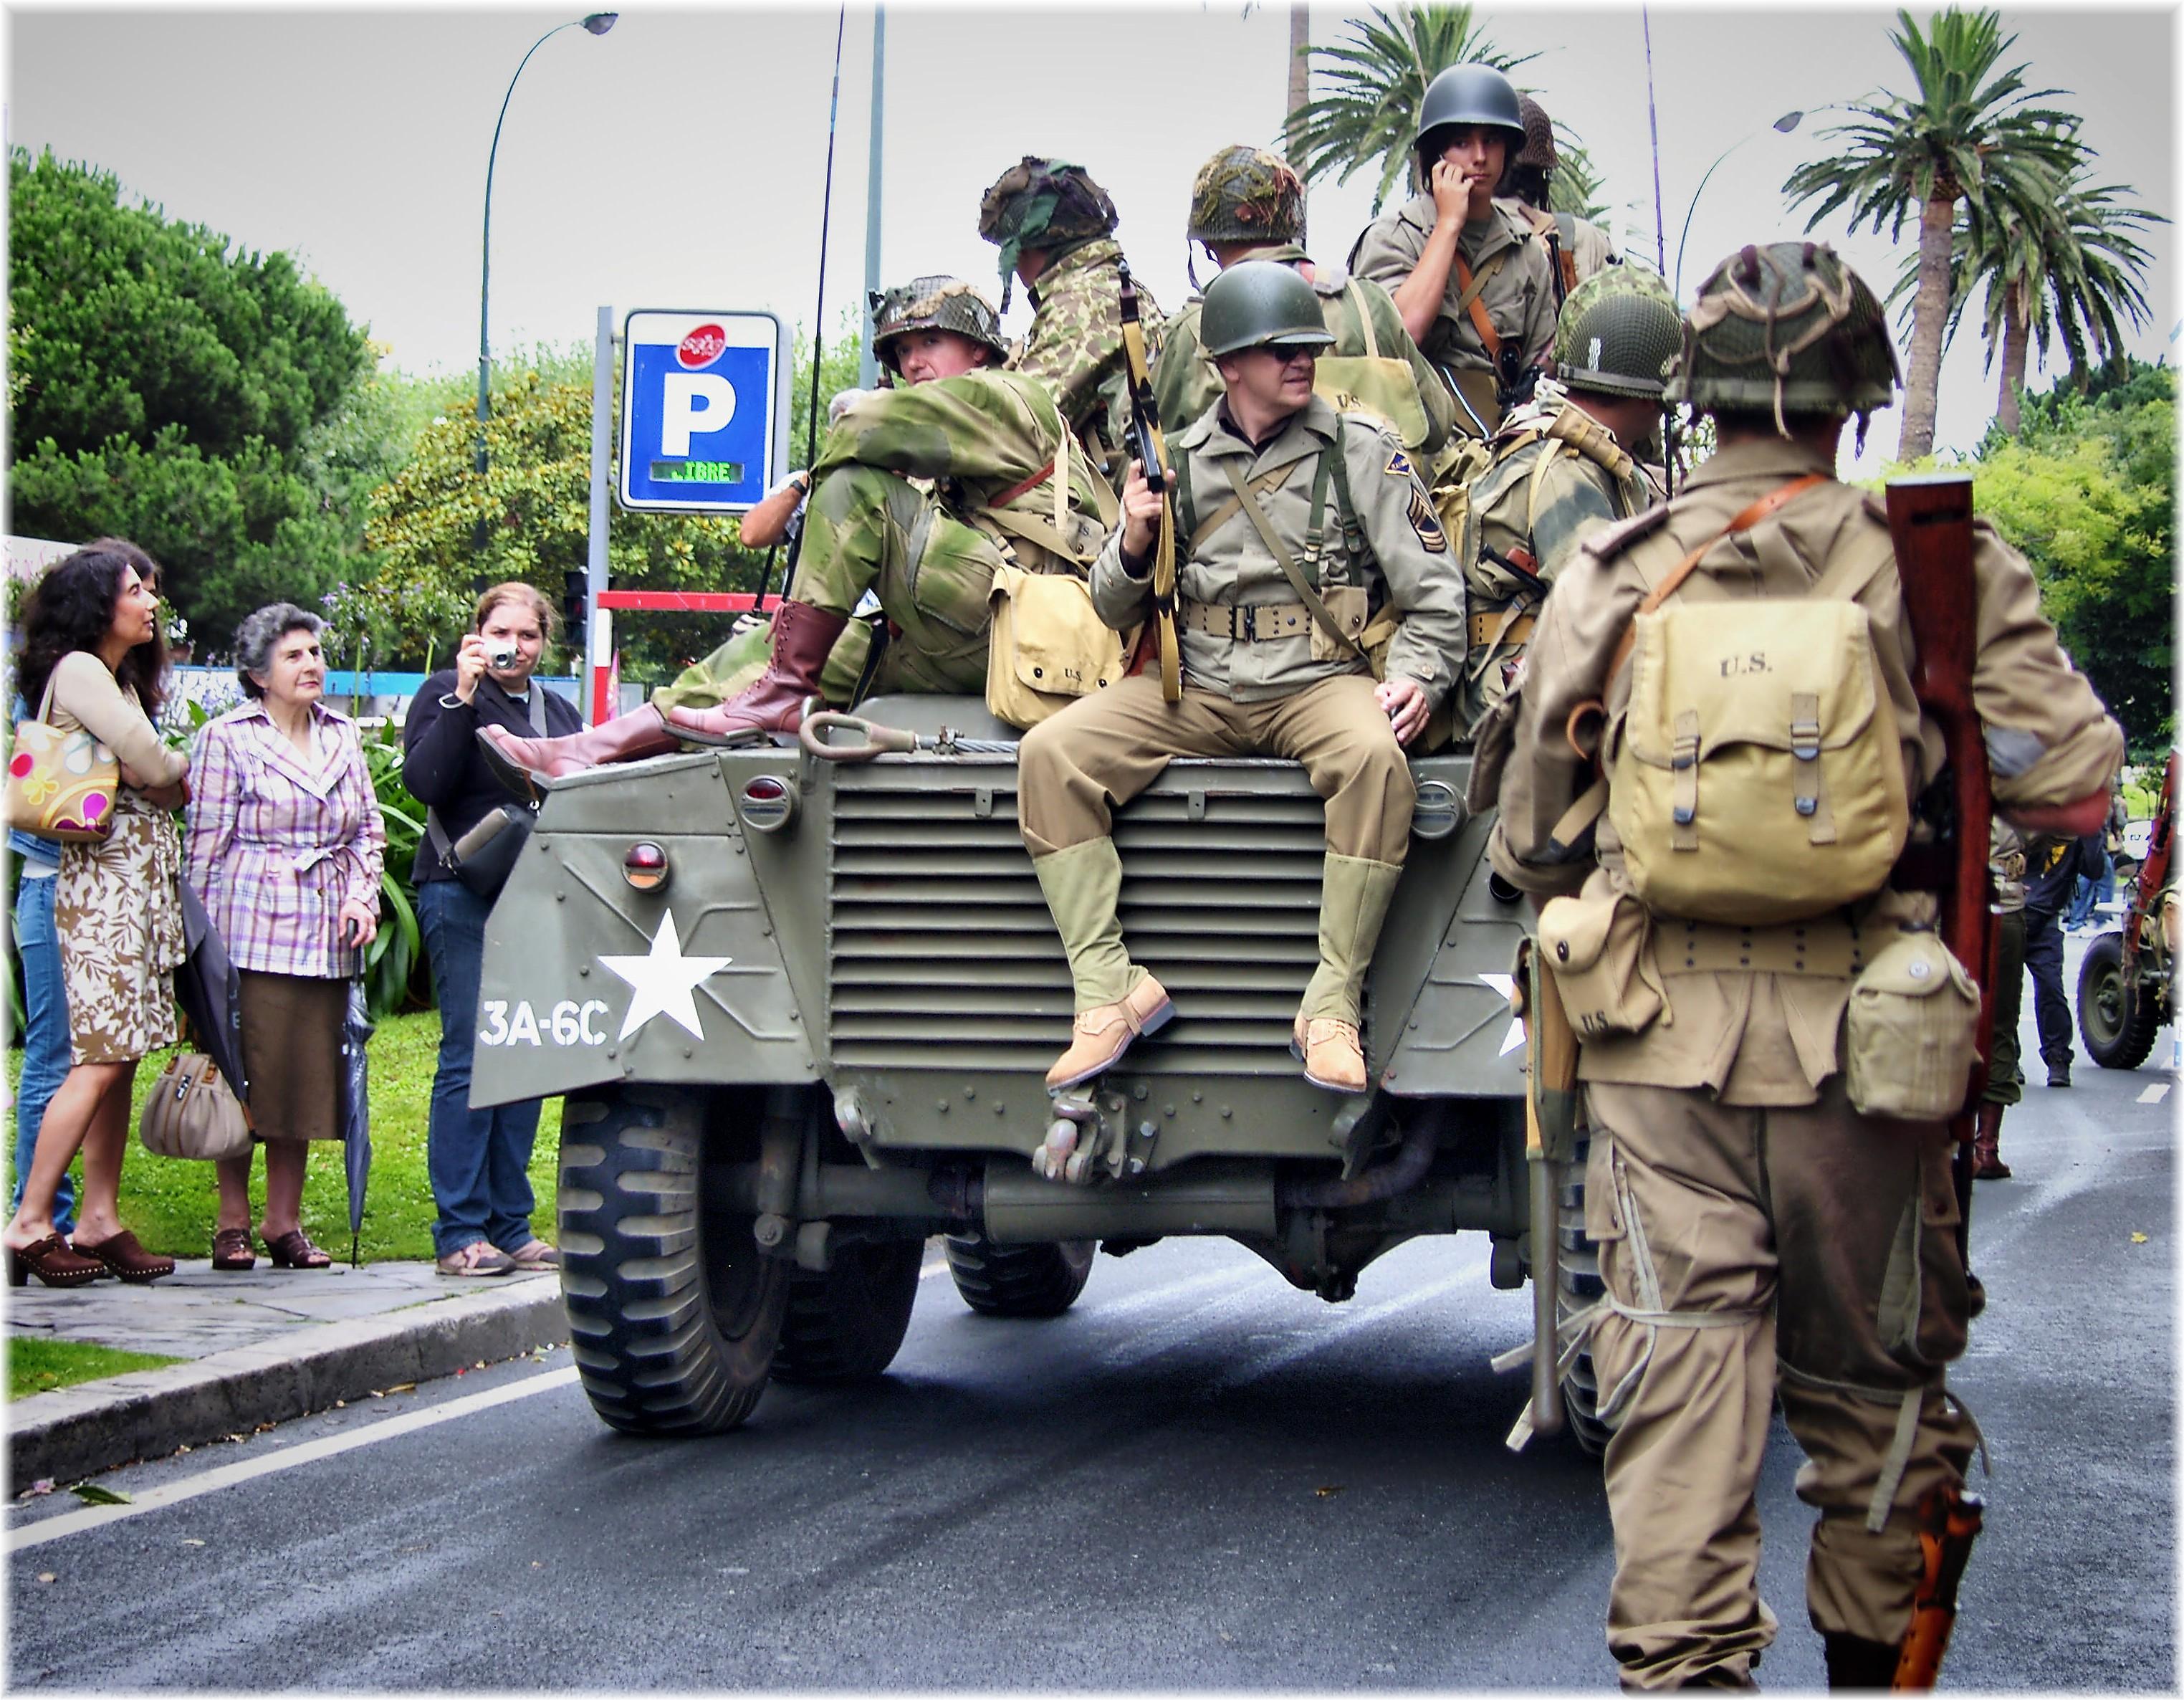 Fotos gratis : persona, gente, Europa, soldado, Ejército, desfile, festival, España, Galicia ...